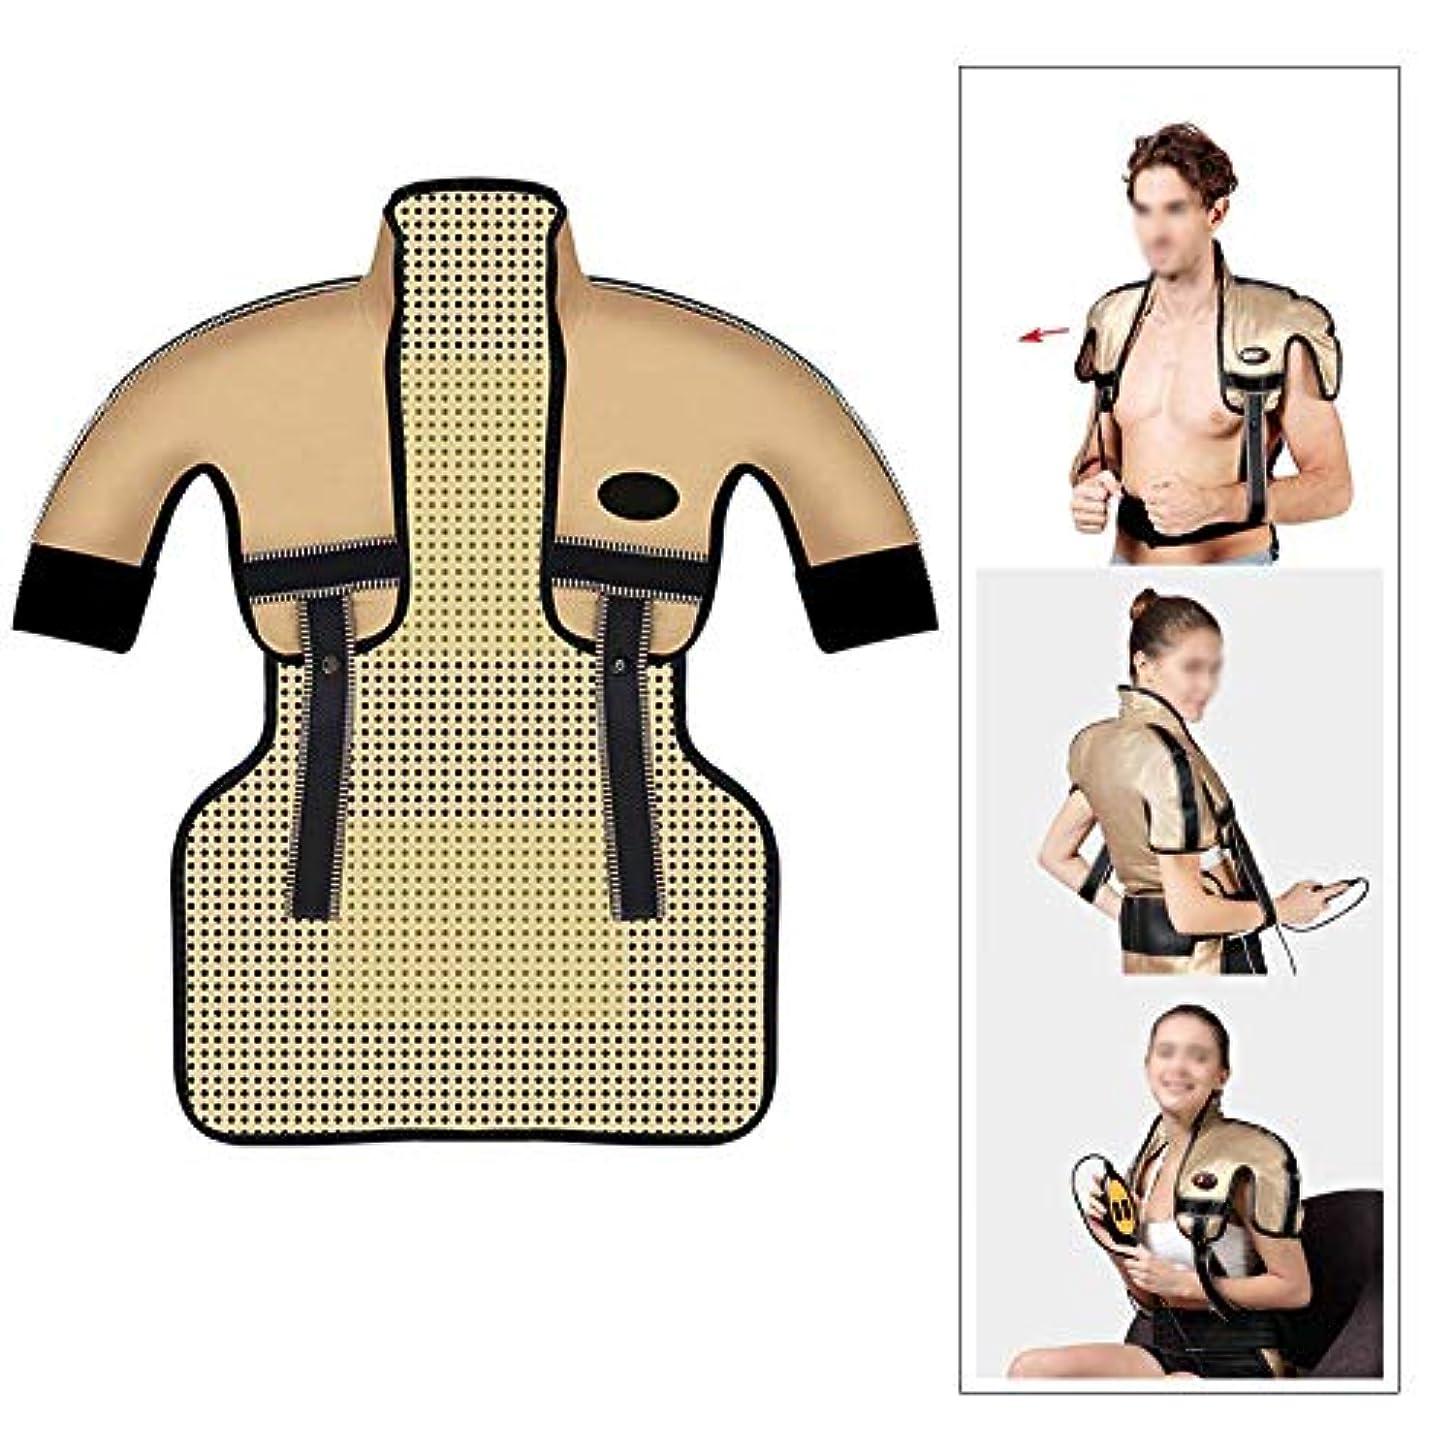 寝るチロ与える肩と首の電気加熱パッド - 混練加熱、痛みを和らげるヒートパッド、医療用品マッサージベスト(肩幅用:35-50CM)